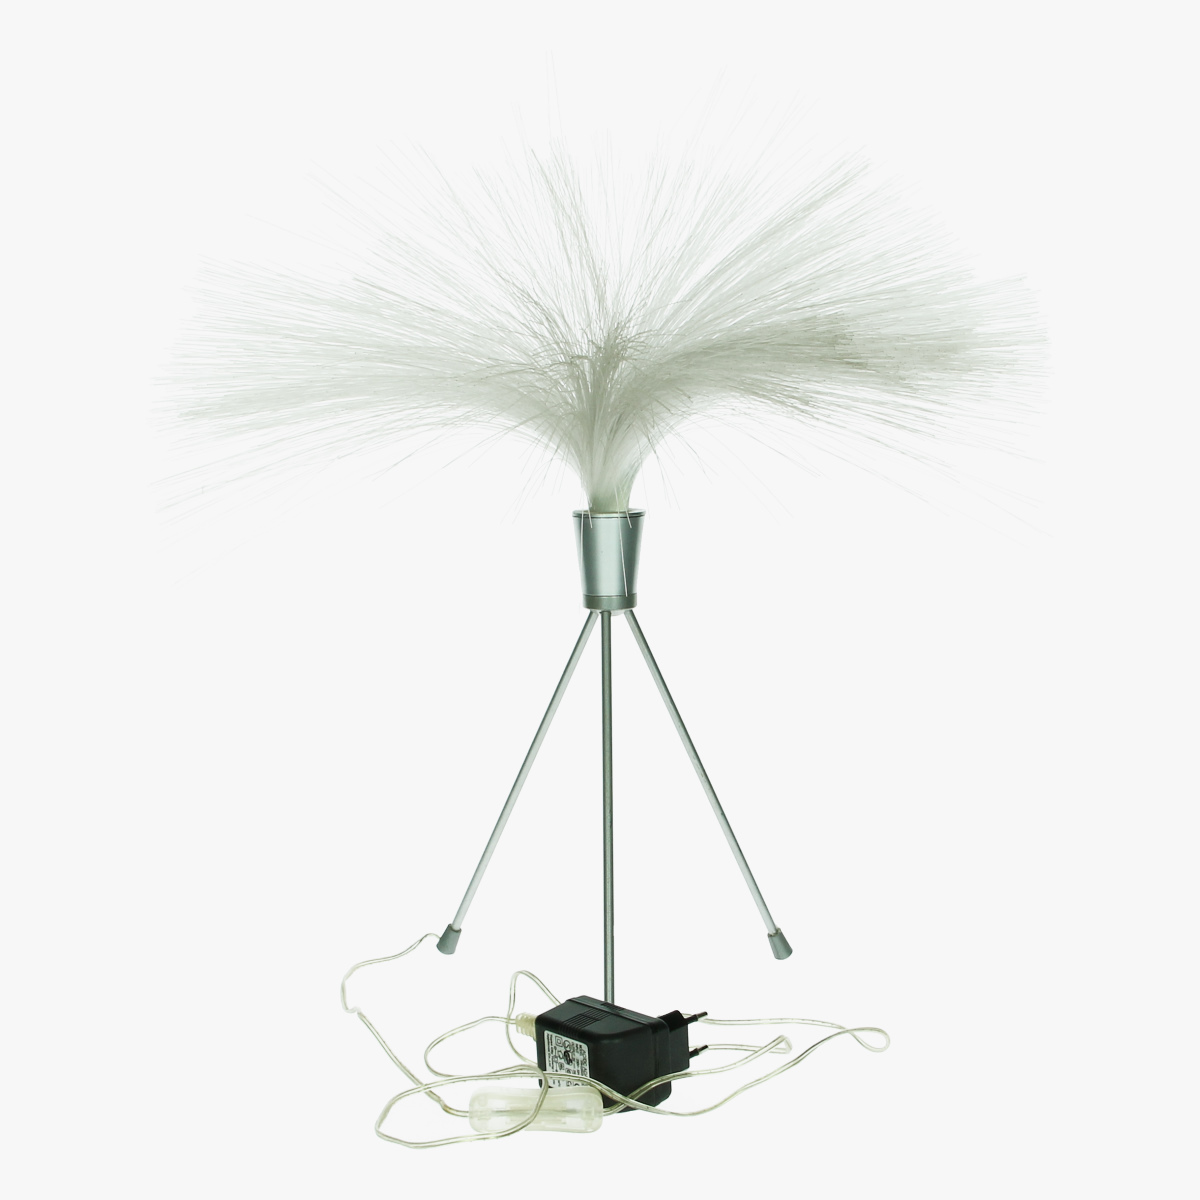 Afbeeldingen van Fiber Optic Lamp, met 3 poten.